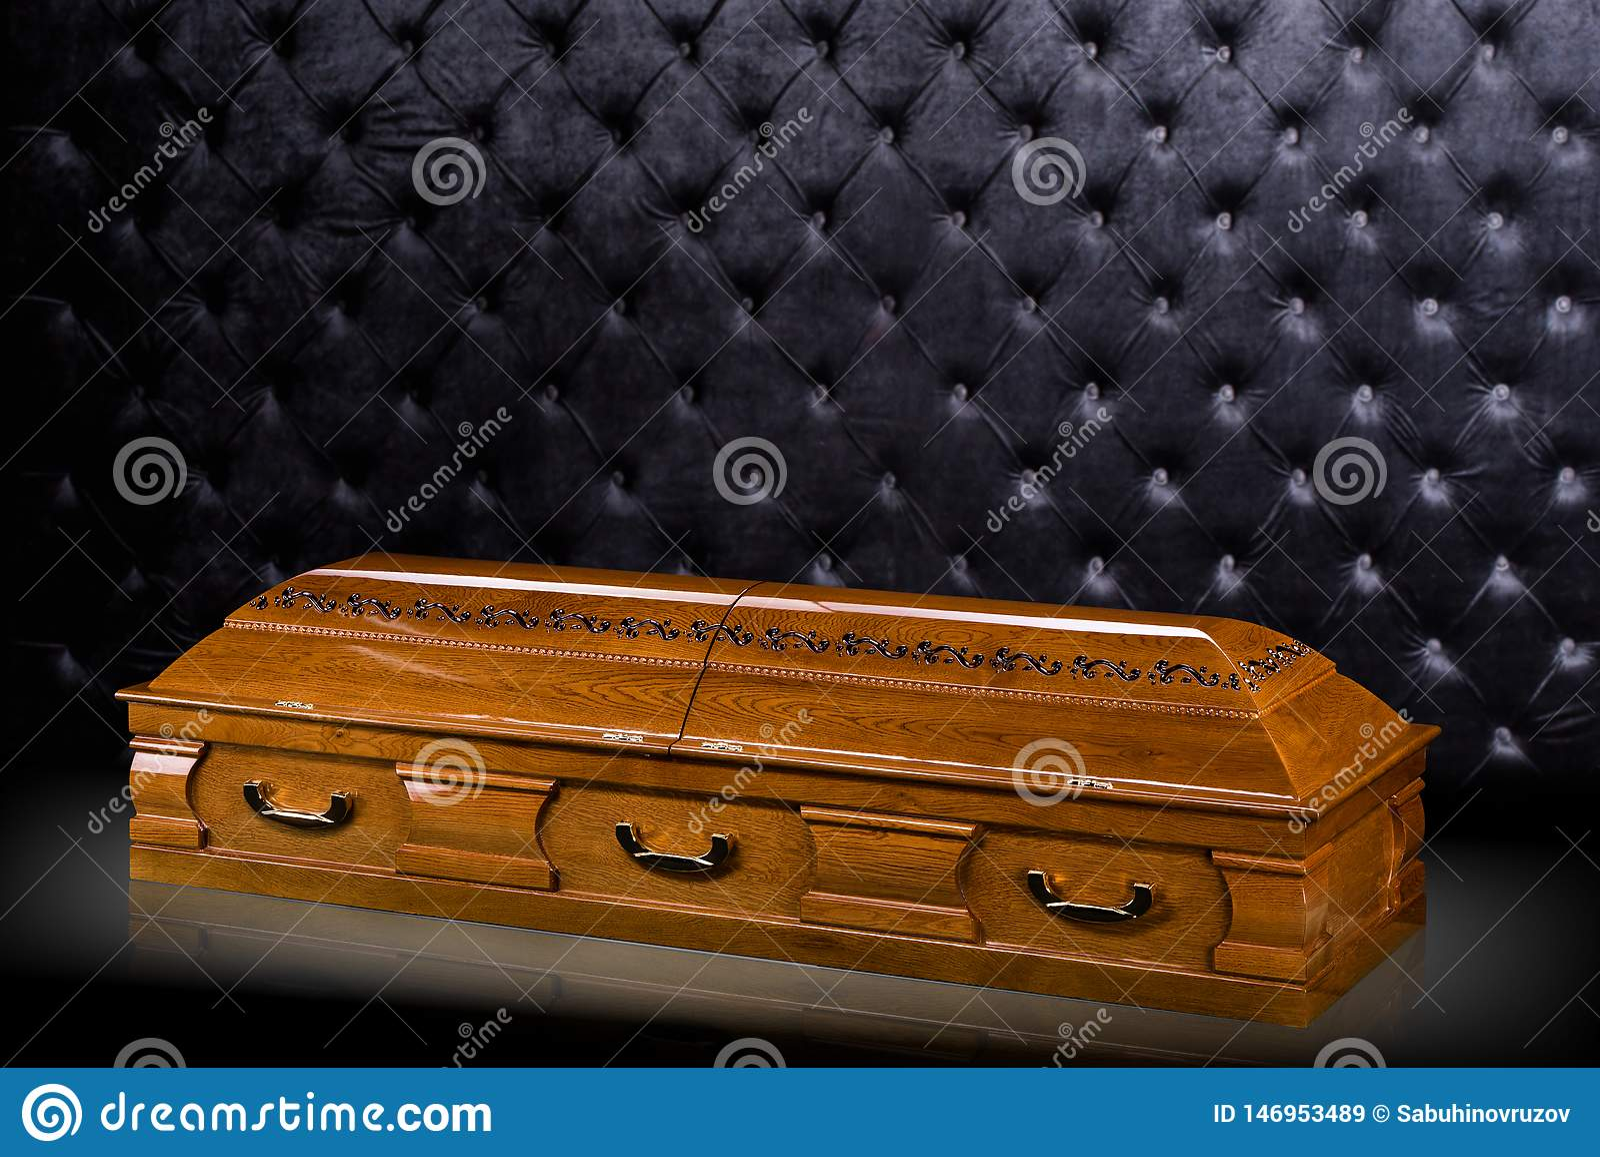 Sarcofago marrone di legno chiuso isolato su fondo di lusso grigio cofanetto, bara su fondo reale